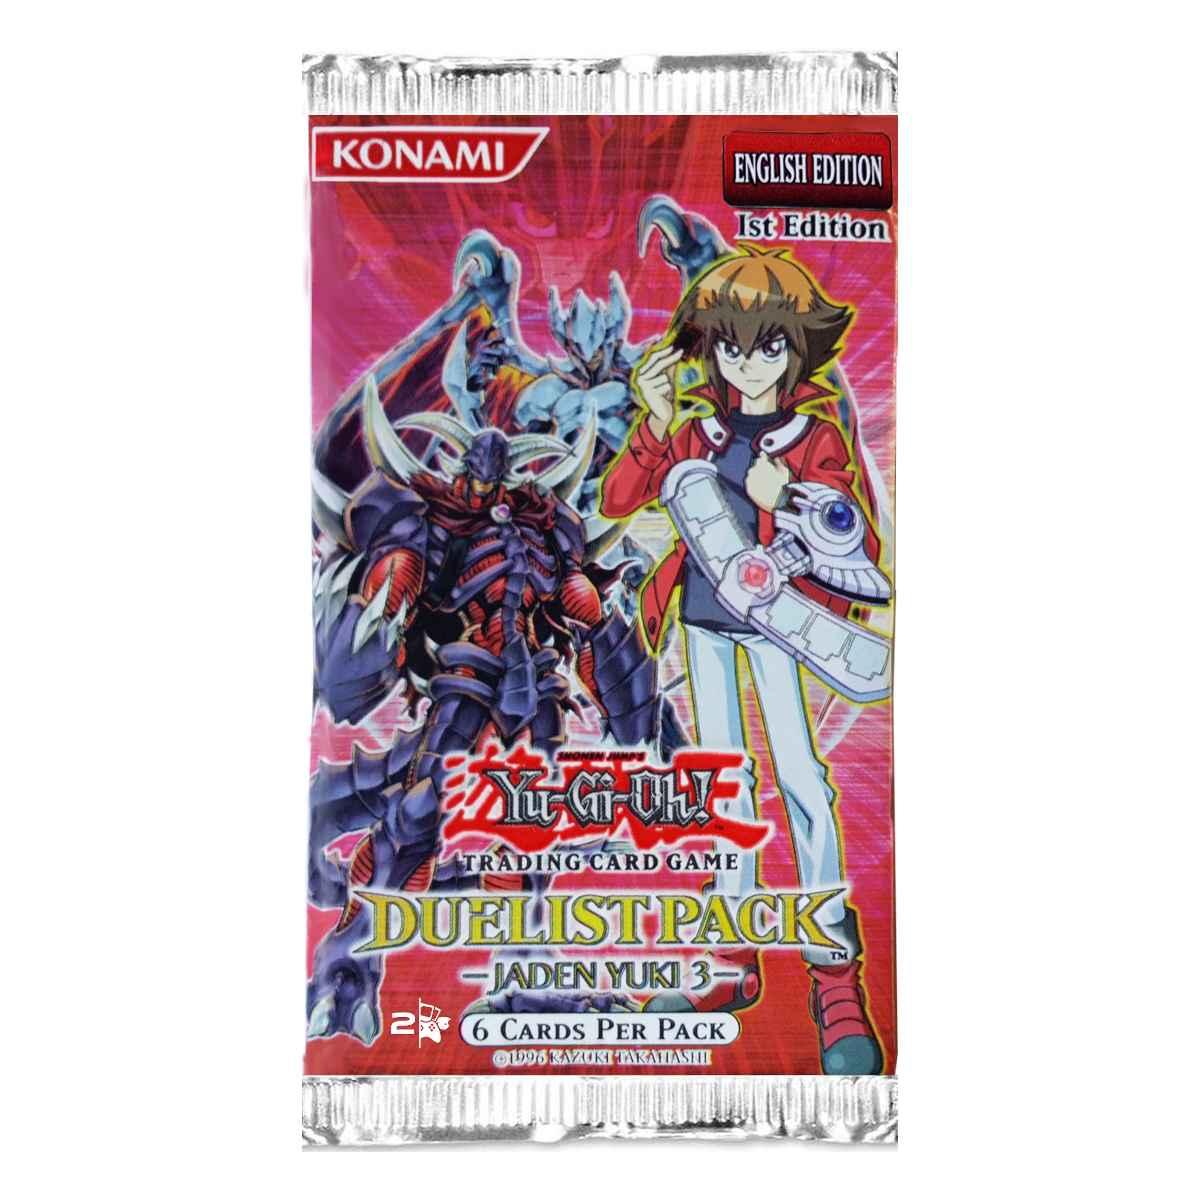 Yugioh GX Booster Duelist Pack Jaden Yuki 3